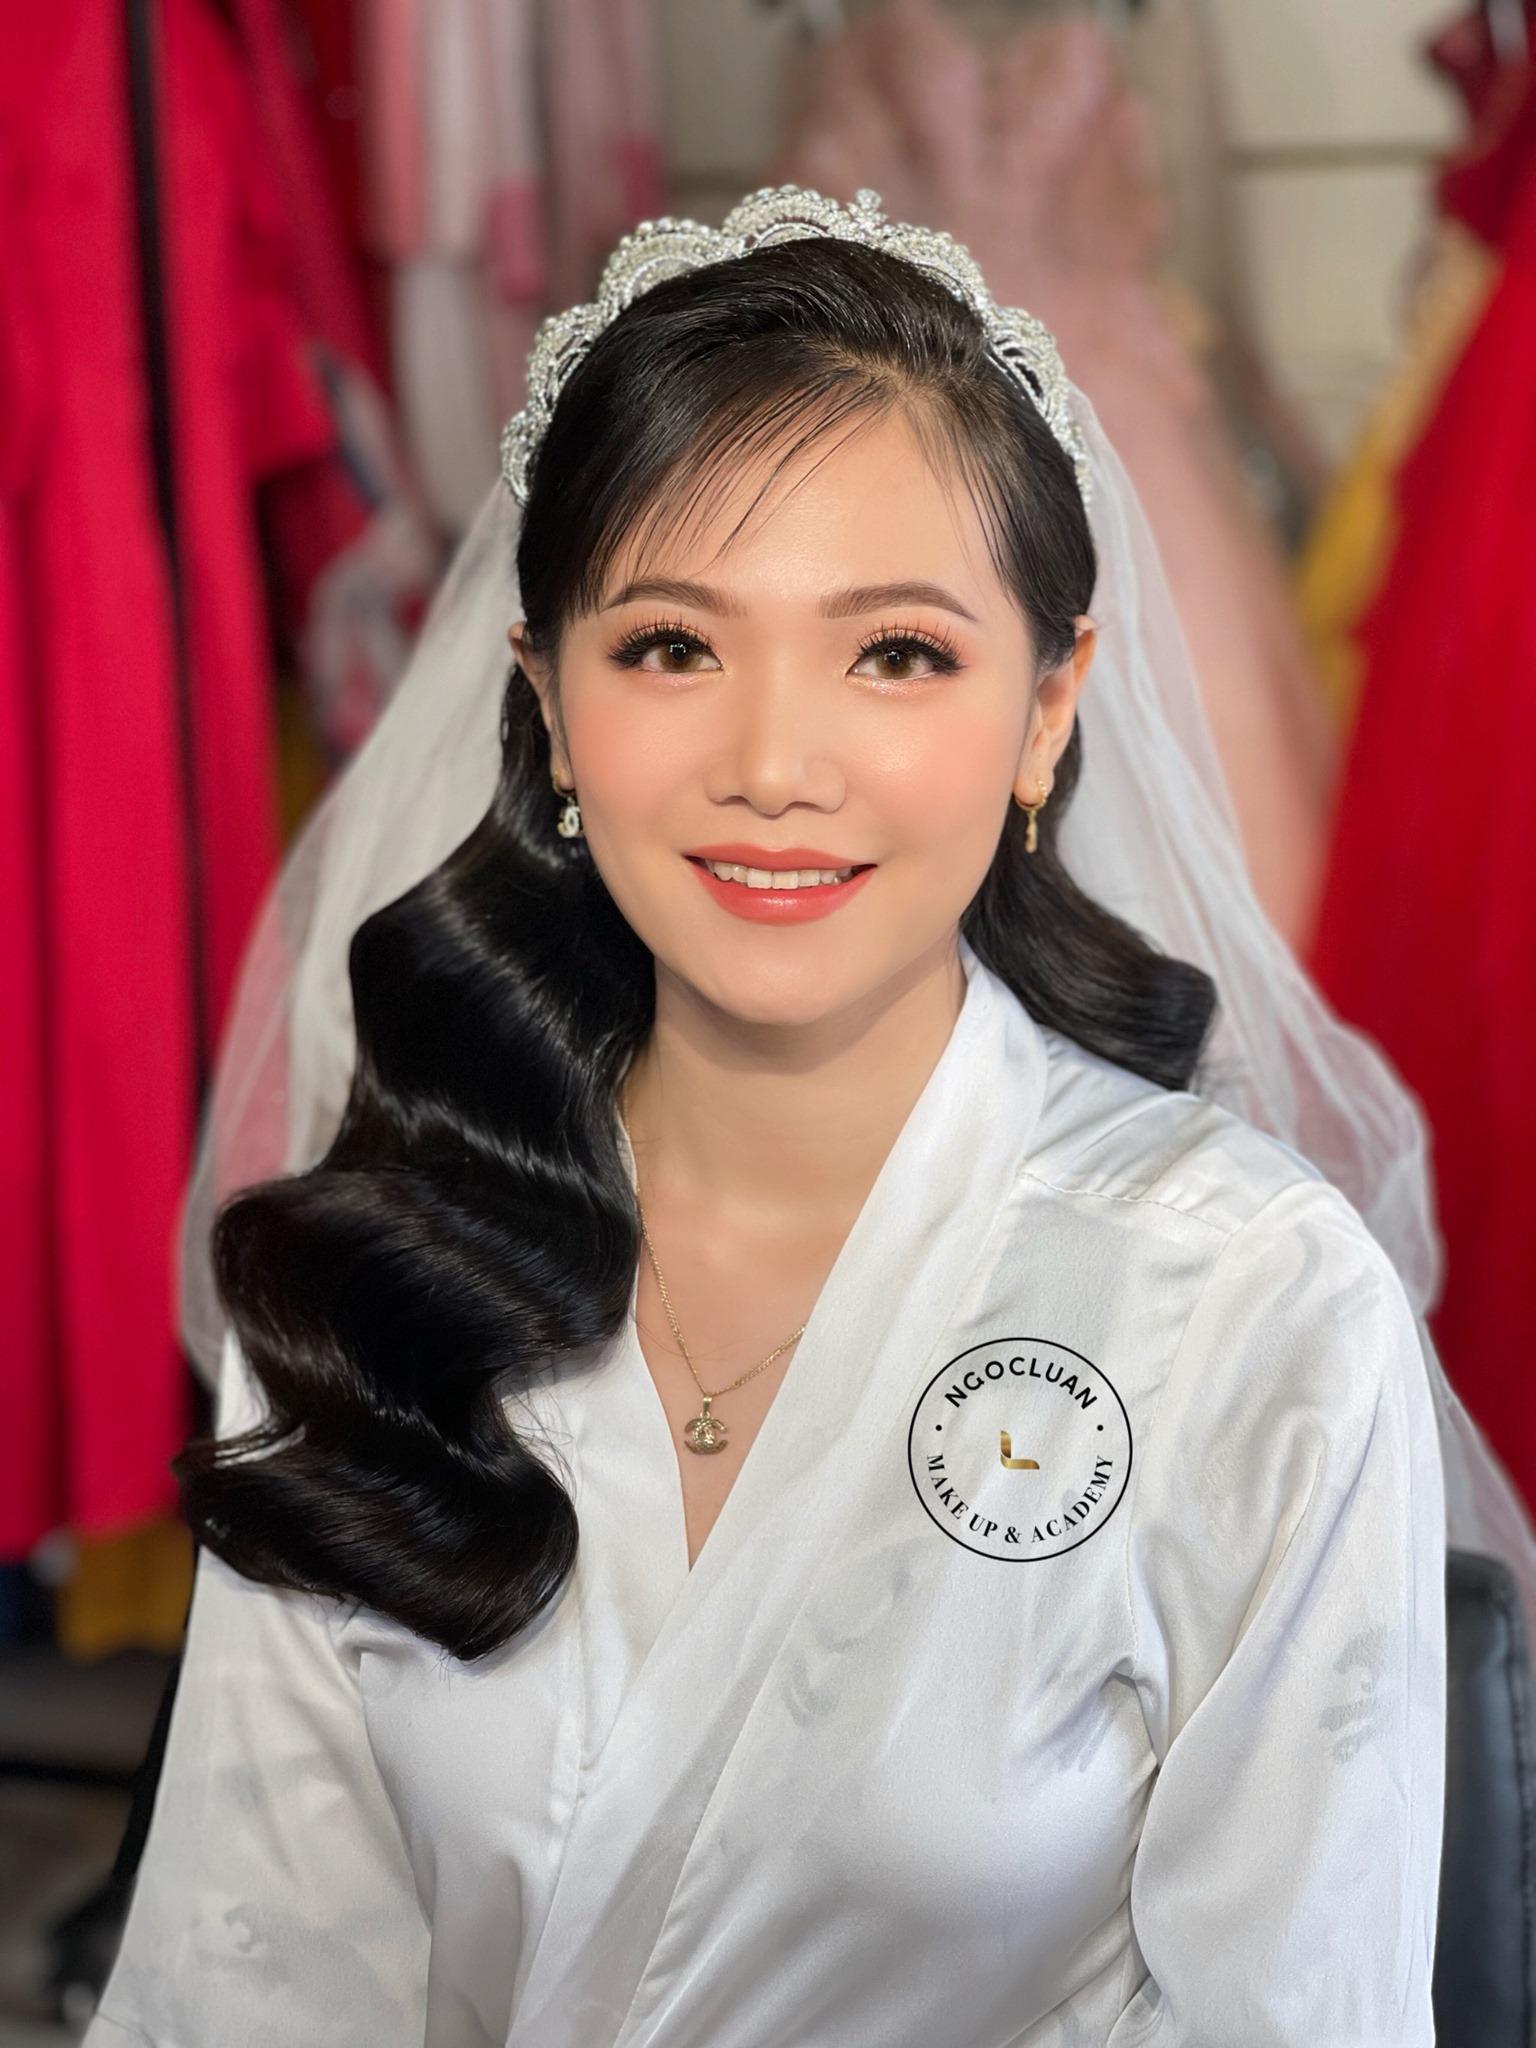 Top 7 tiệm trang điểm cô dâu đẹp nhất tại Đồng Tháp -  Ngọc Luận Make-Up Artist